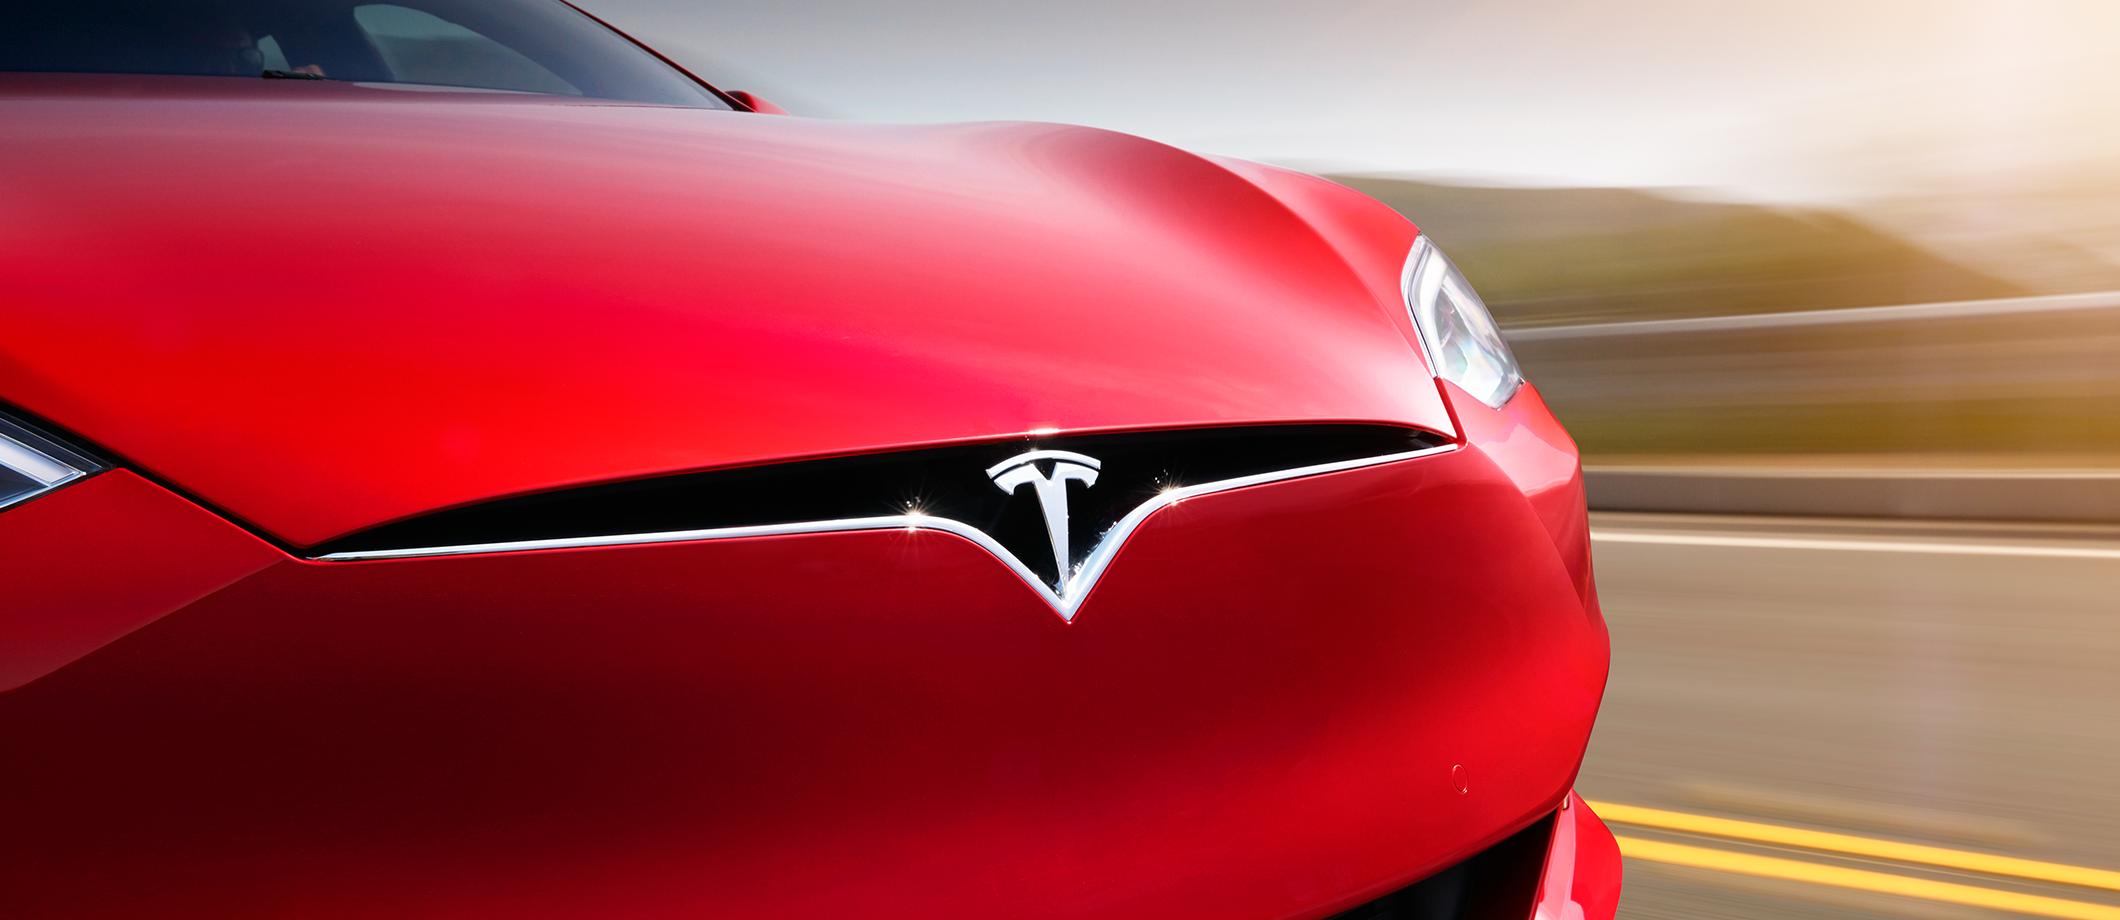 Photo of מדהים: טסלה שברה את שיא התאוצה לרכב בייצור המוני